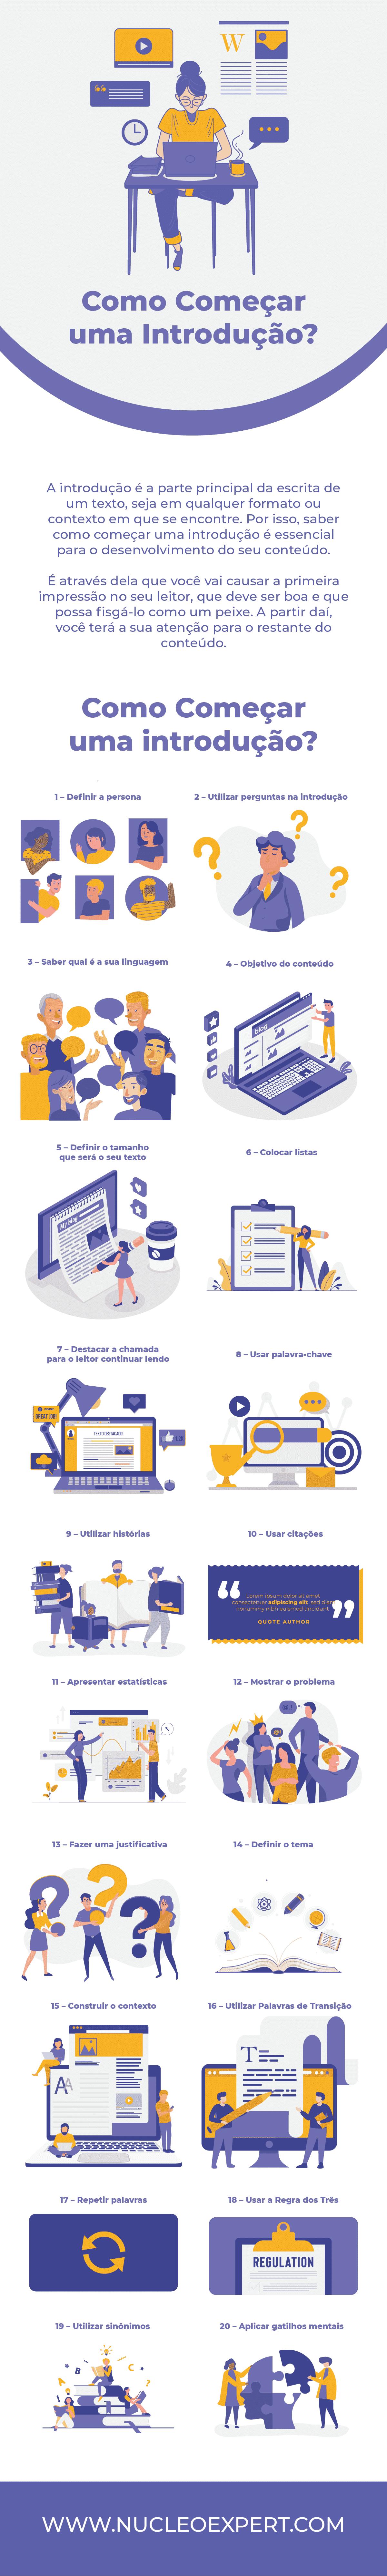 Infográfico - Como Começar uma Introdução